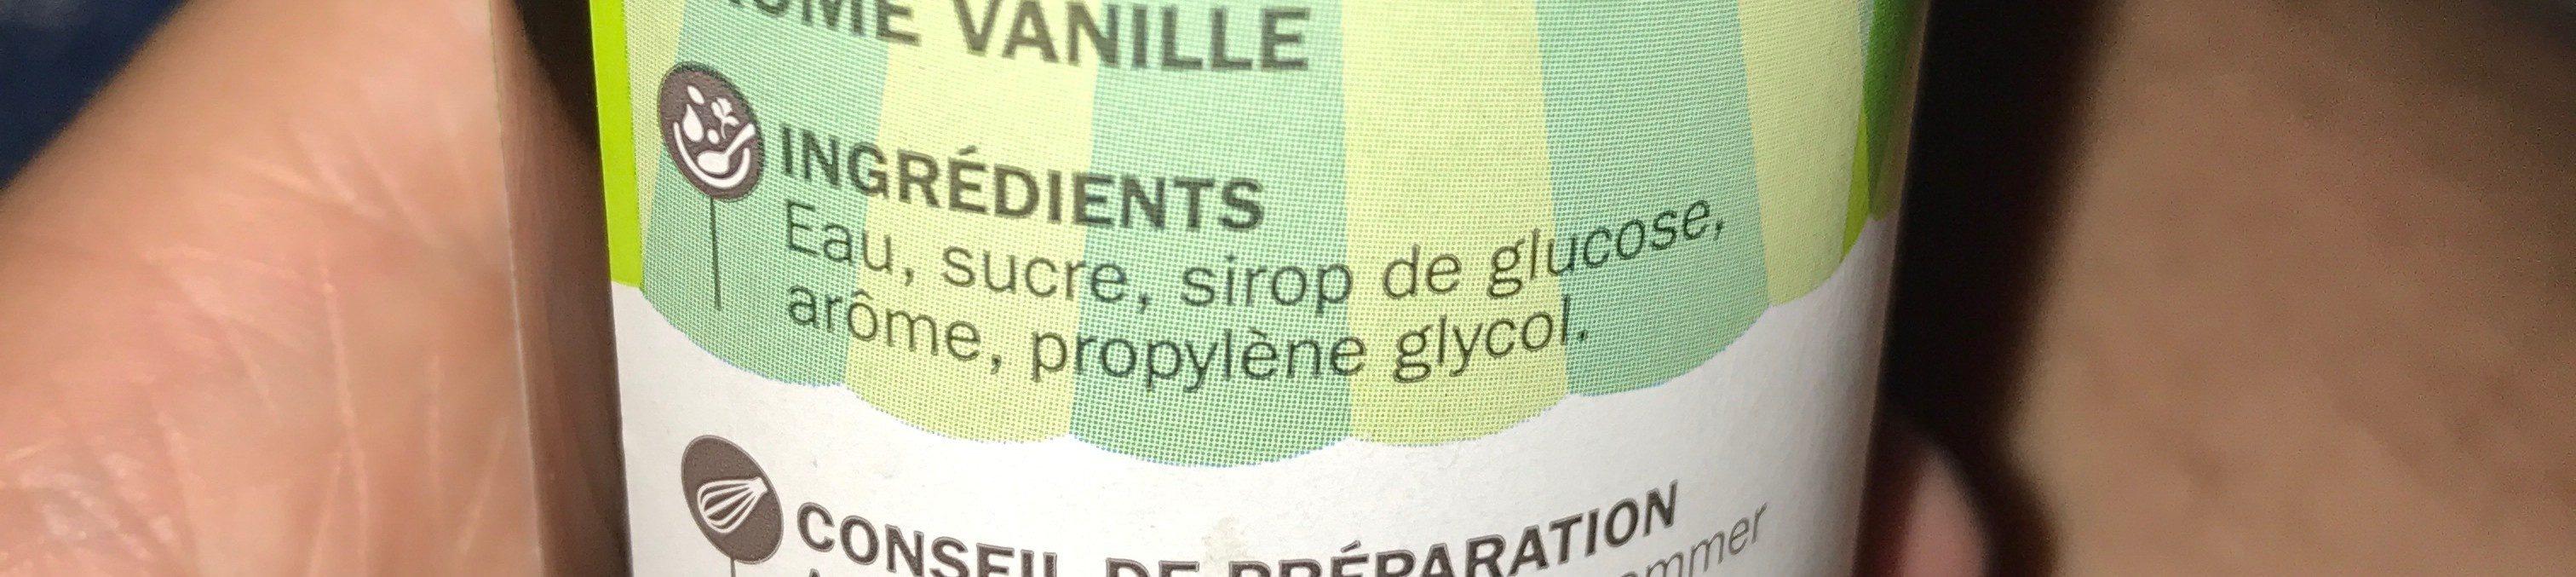 Arôme vanille - Ingredients - fr